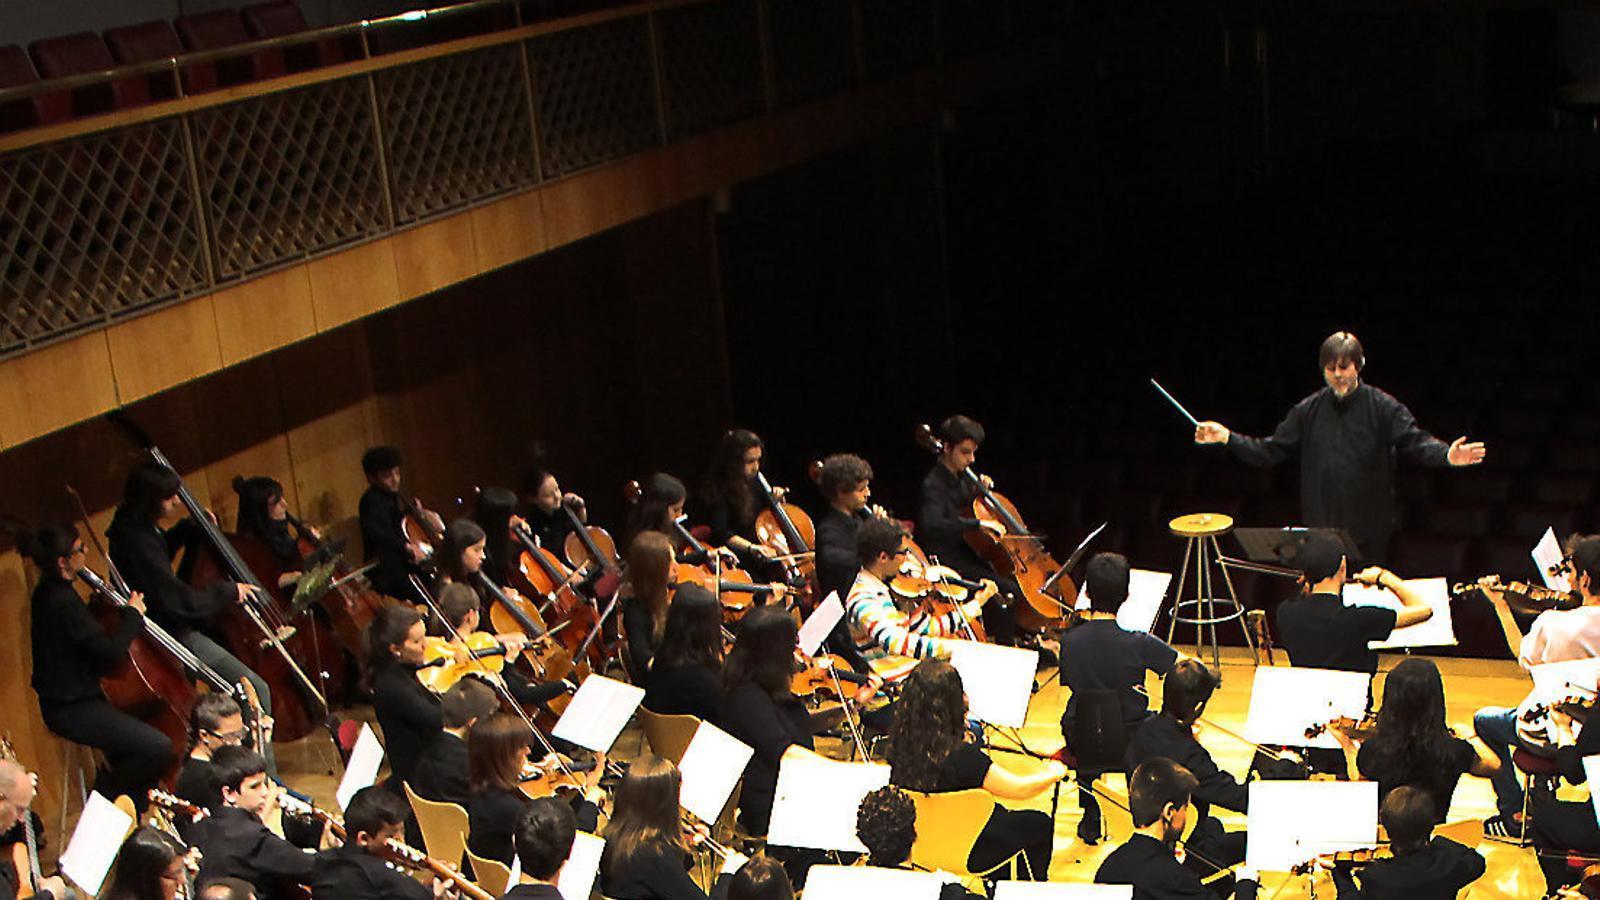 Alumnes d'escoles de música del país amb els músics de la JONCA durant un concert.